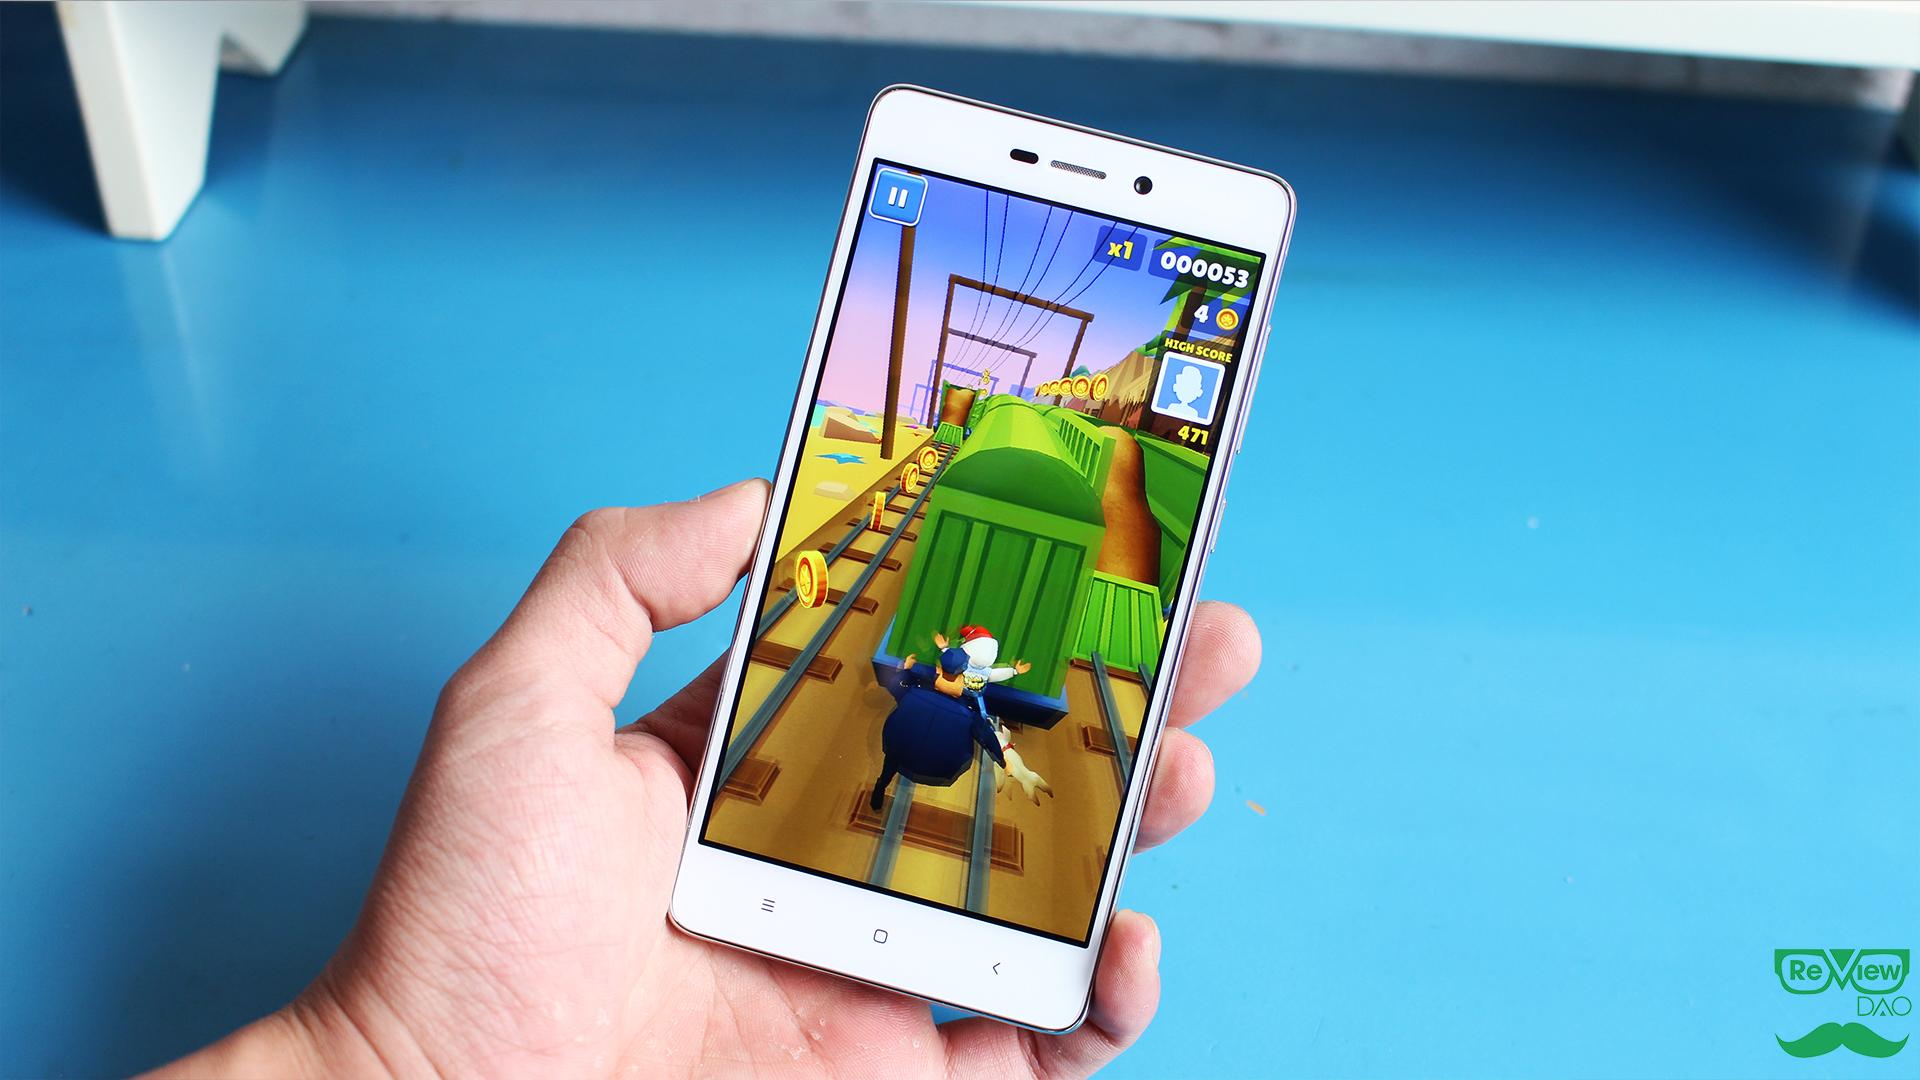 Đánh giá chi tiết Xiaomi Redmi 3: pin siêu trâu, màn hình đẹp, hiệu năng tốt